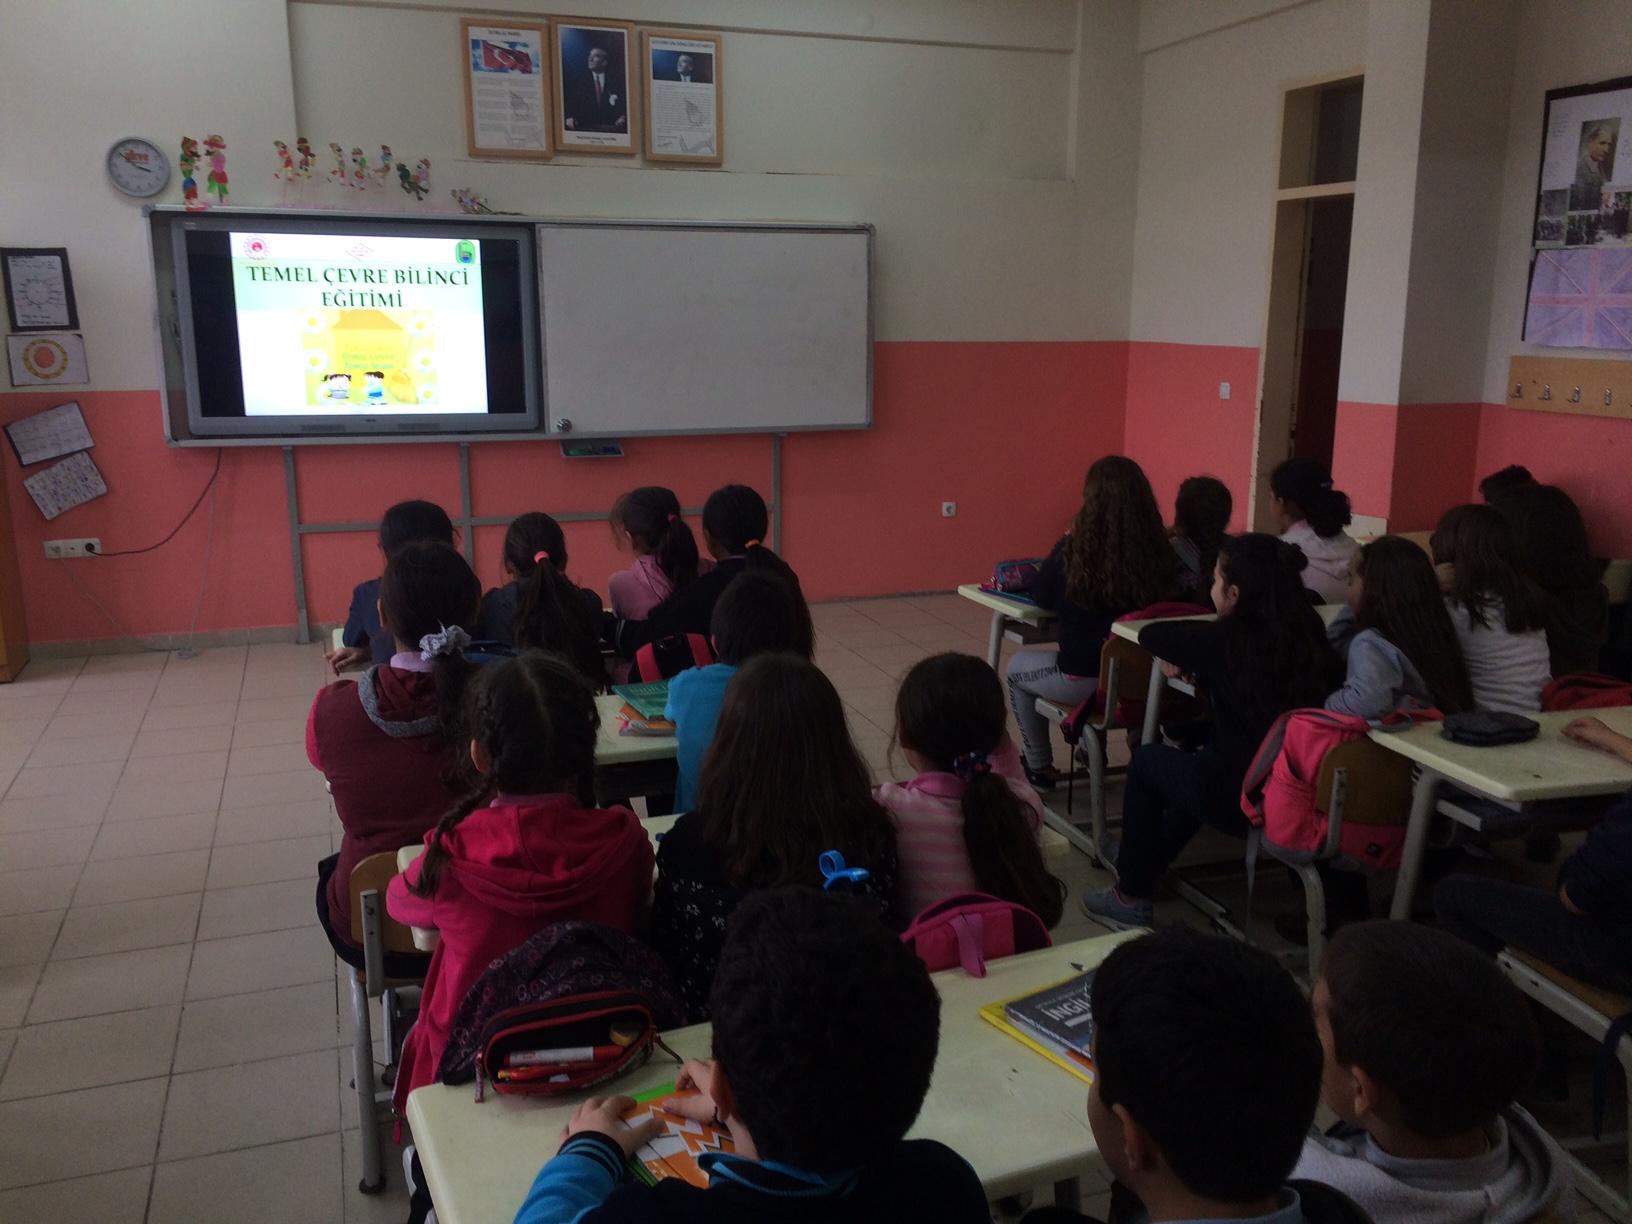 Ulugeçit Ortaokulu'nda Sıfır Atık Konulu Eğitim Verildi